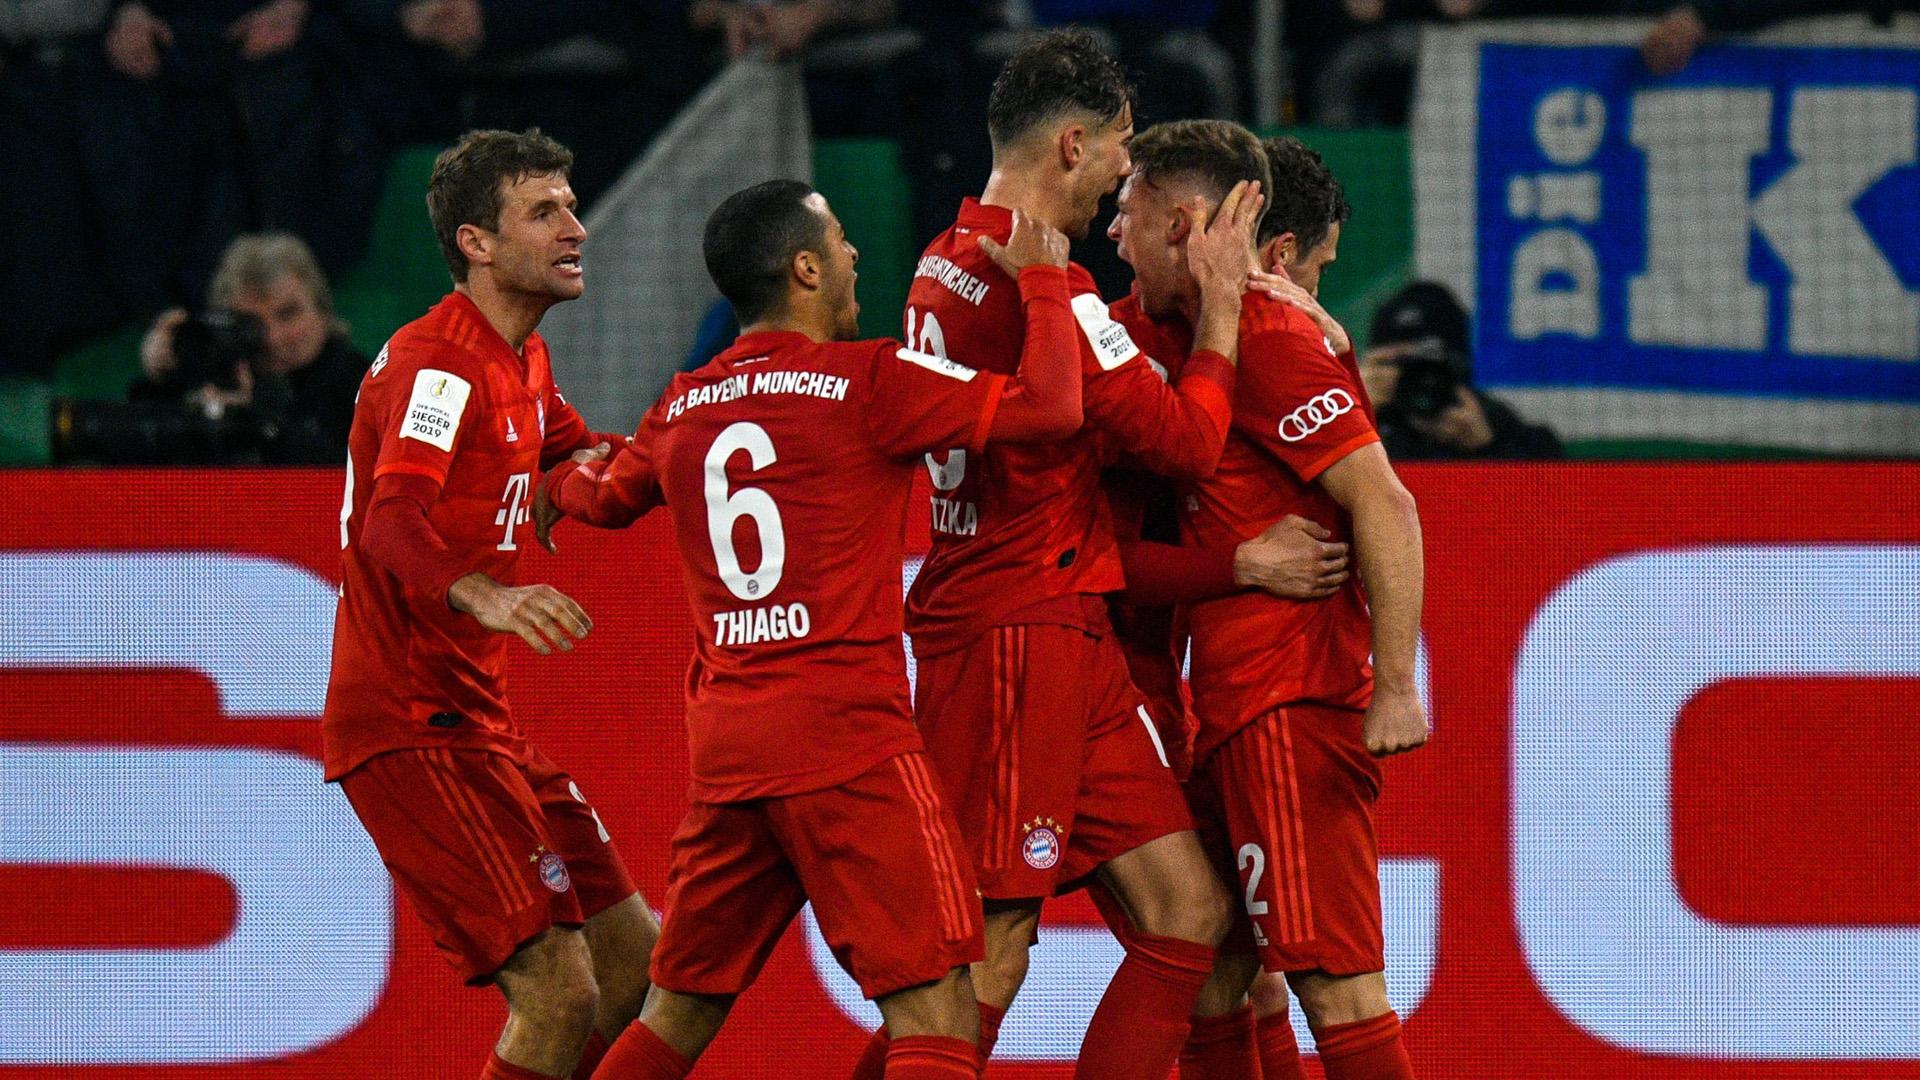 Shalke04-Bayern Munich (0-1) - Le Bayern qualifié pour les demi-finales